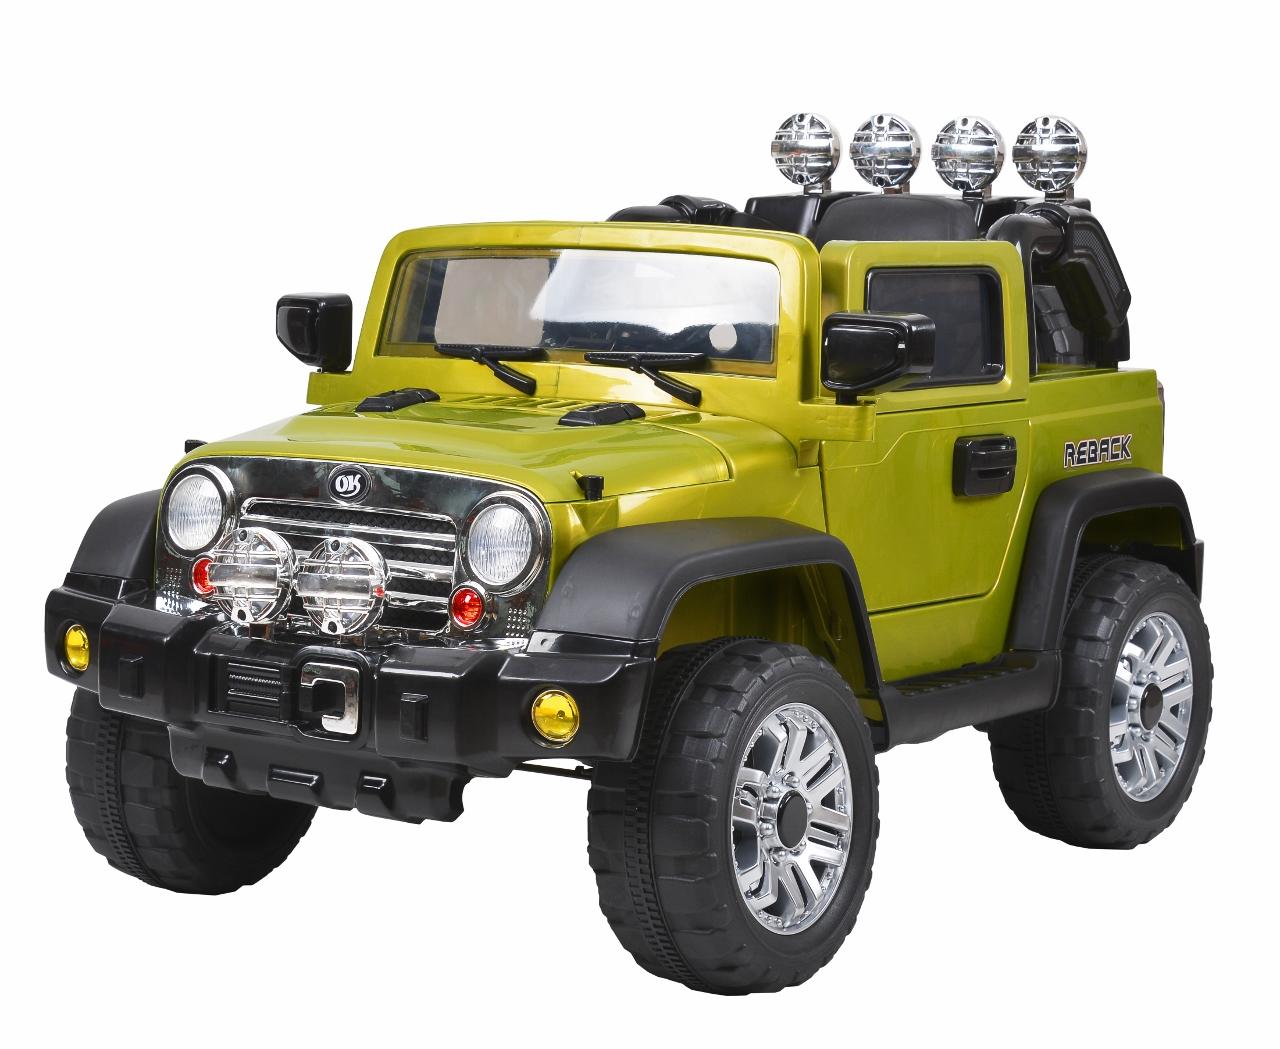 HECHT 51235 - dětské autíčko